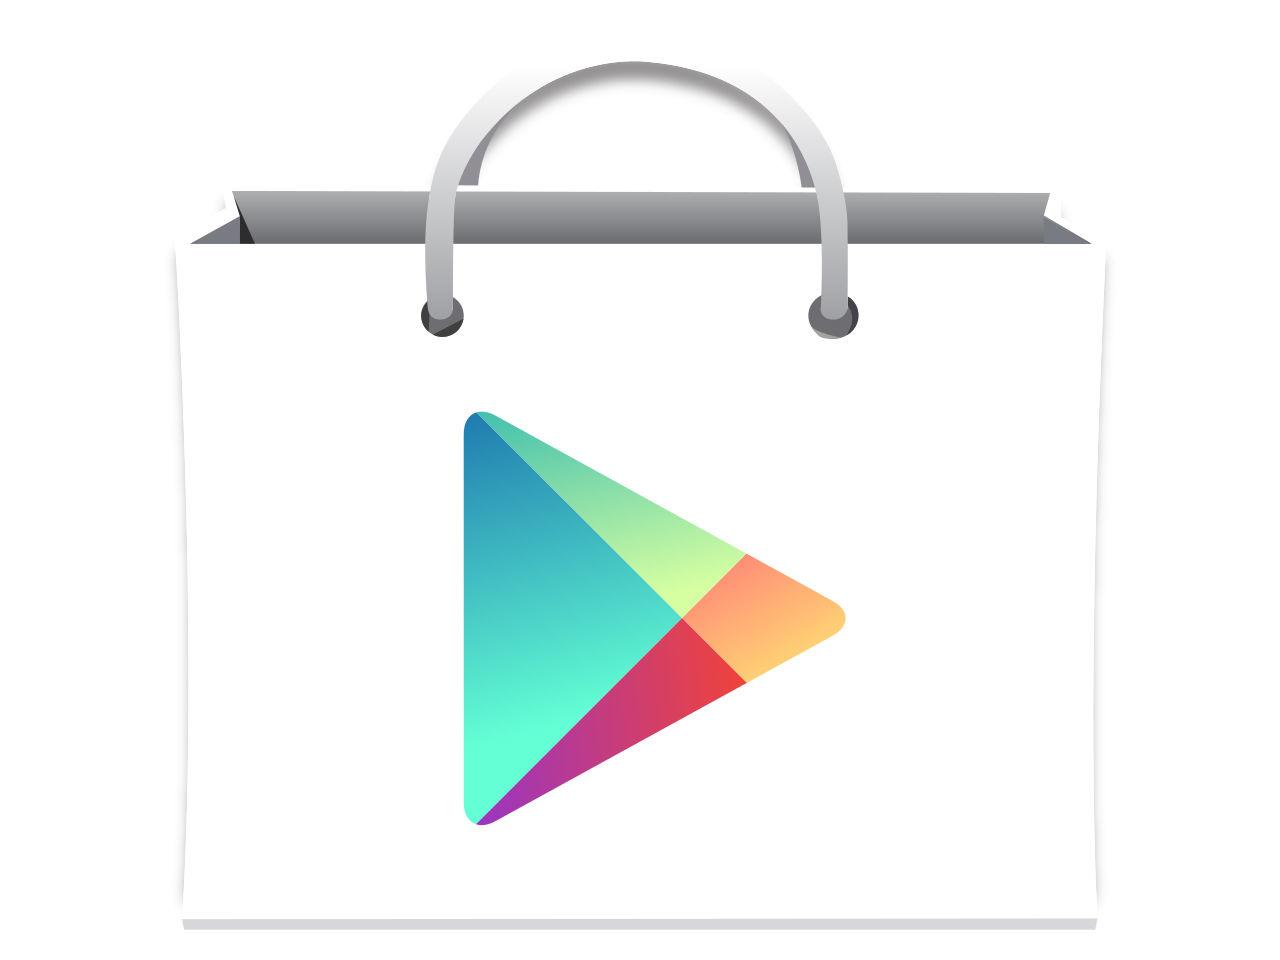 Android-appar ska få tydligare integritetsmärkningar